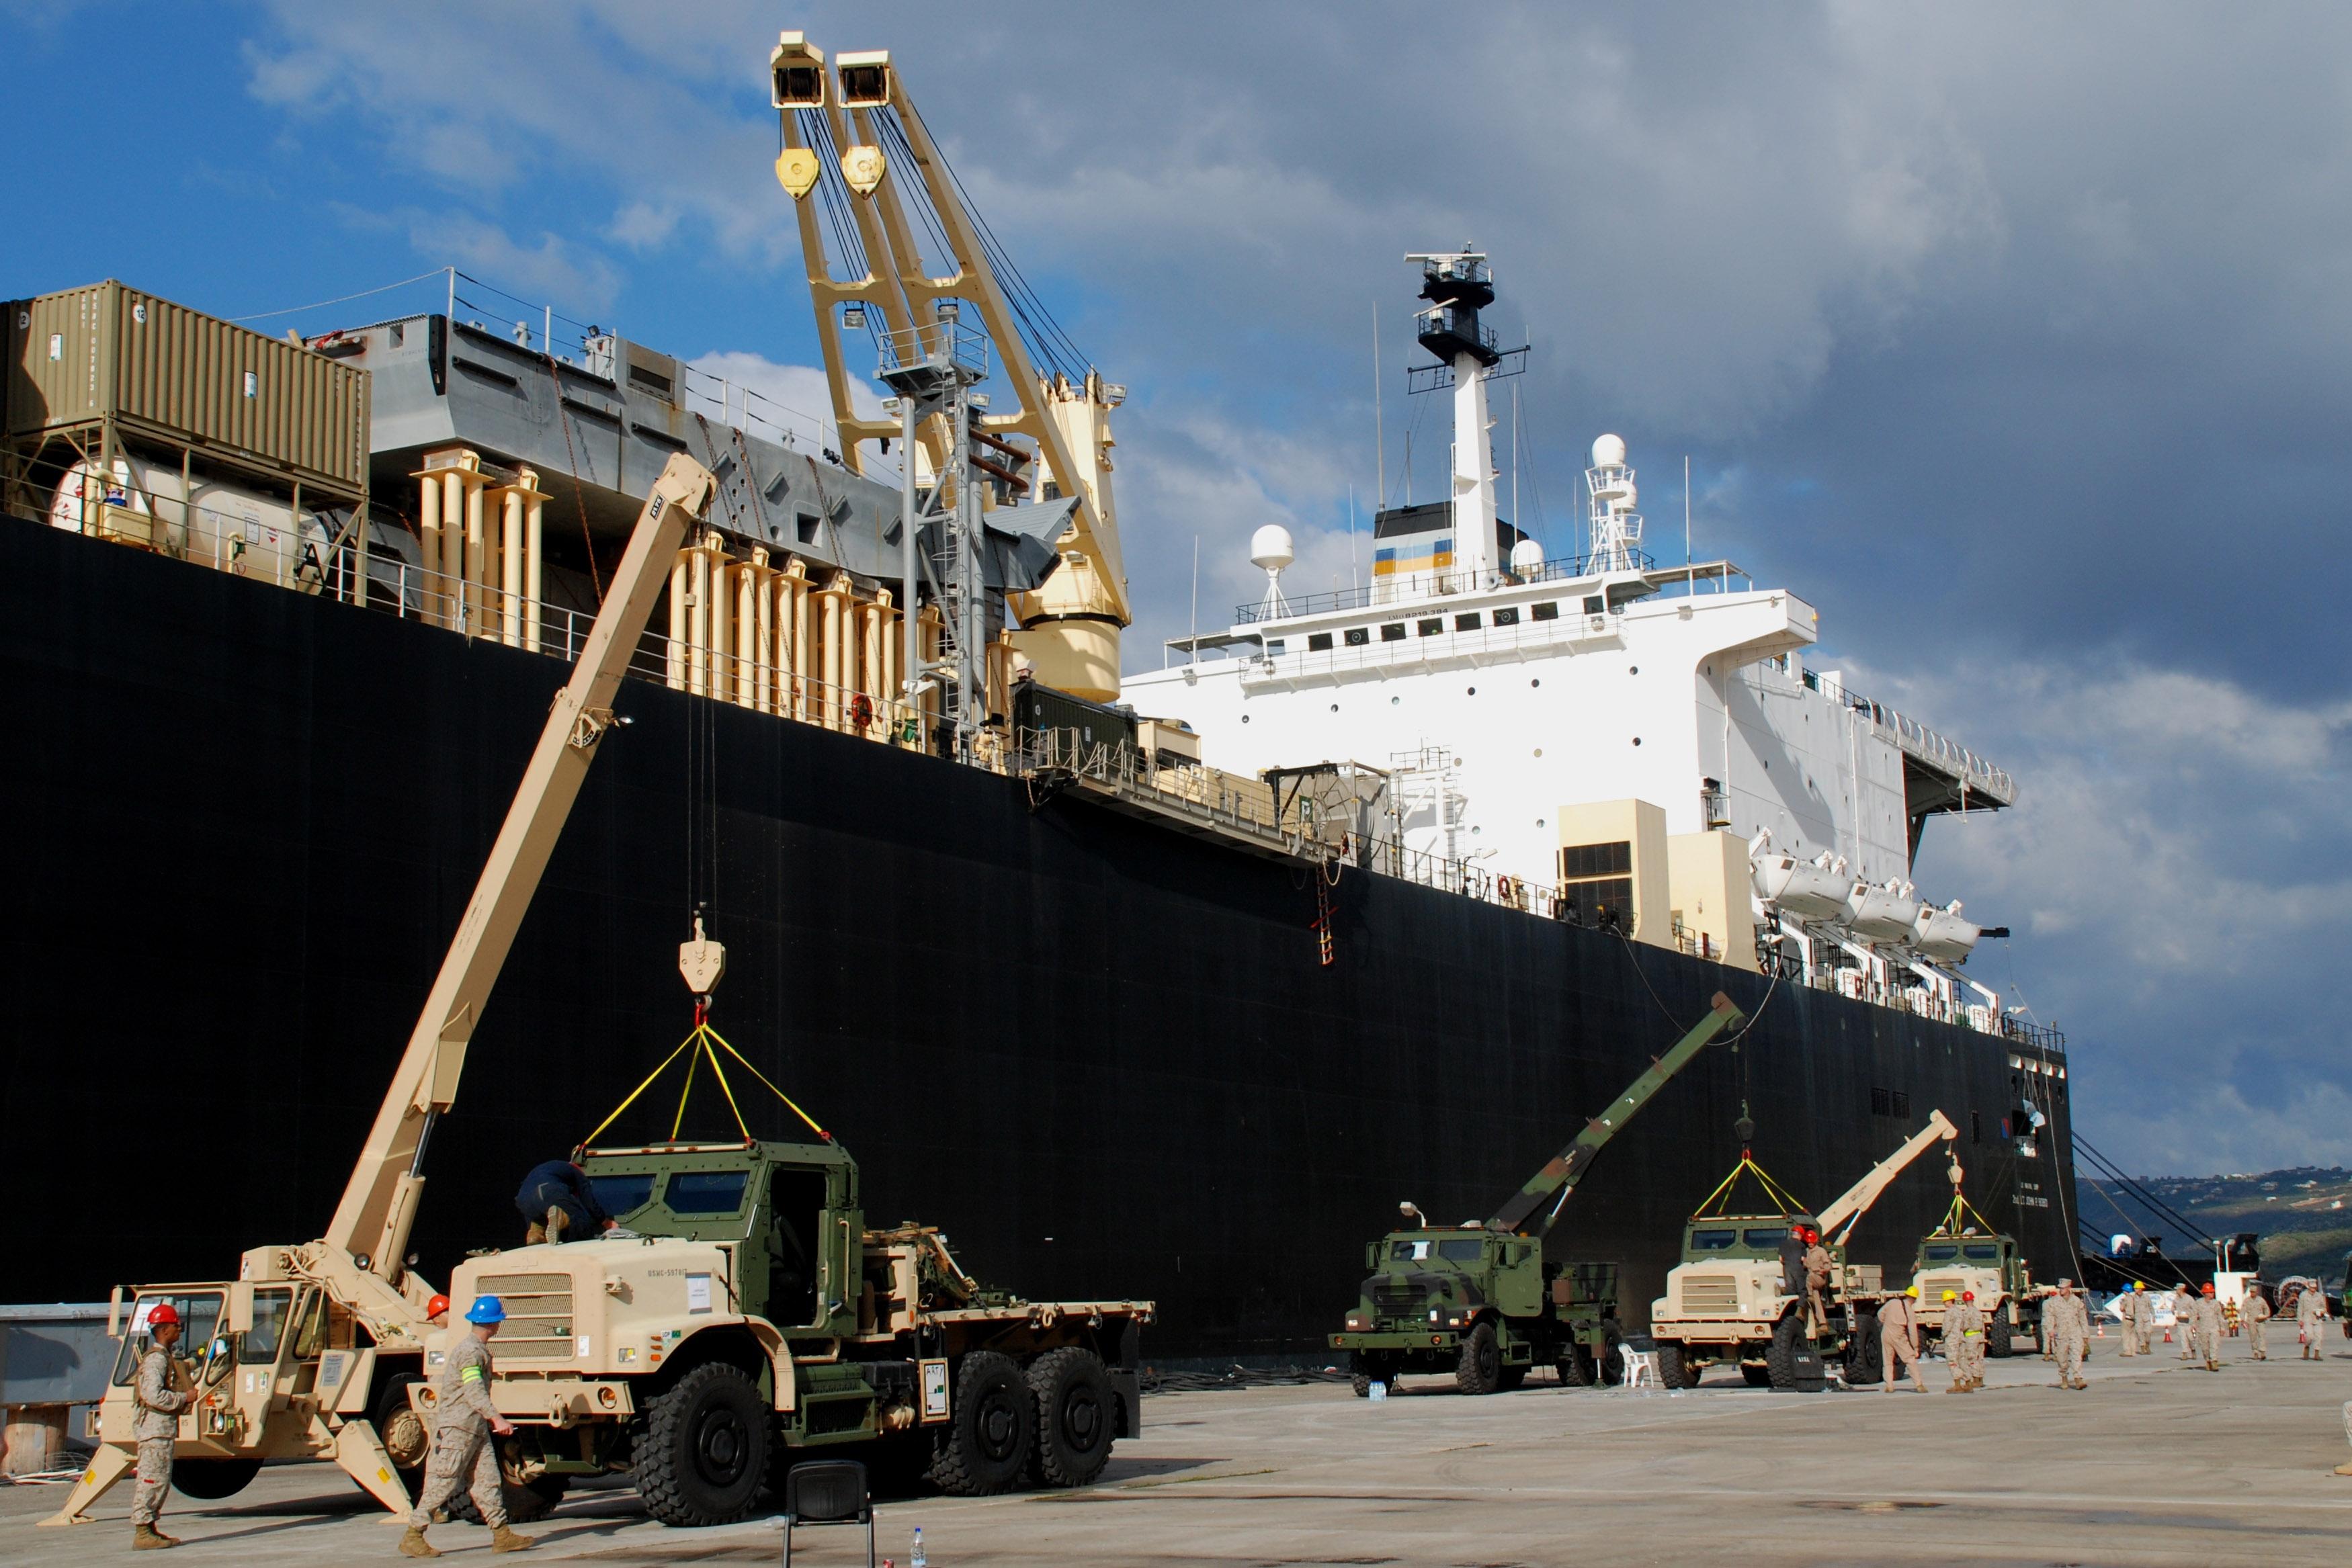 luật hàng hải và vận tải biển tại việt nam